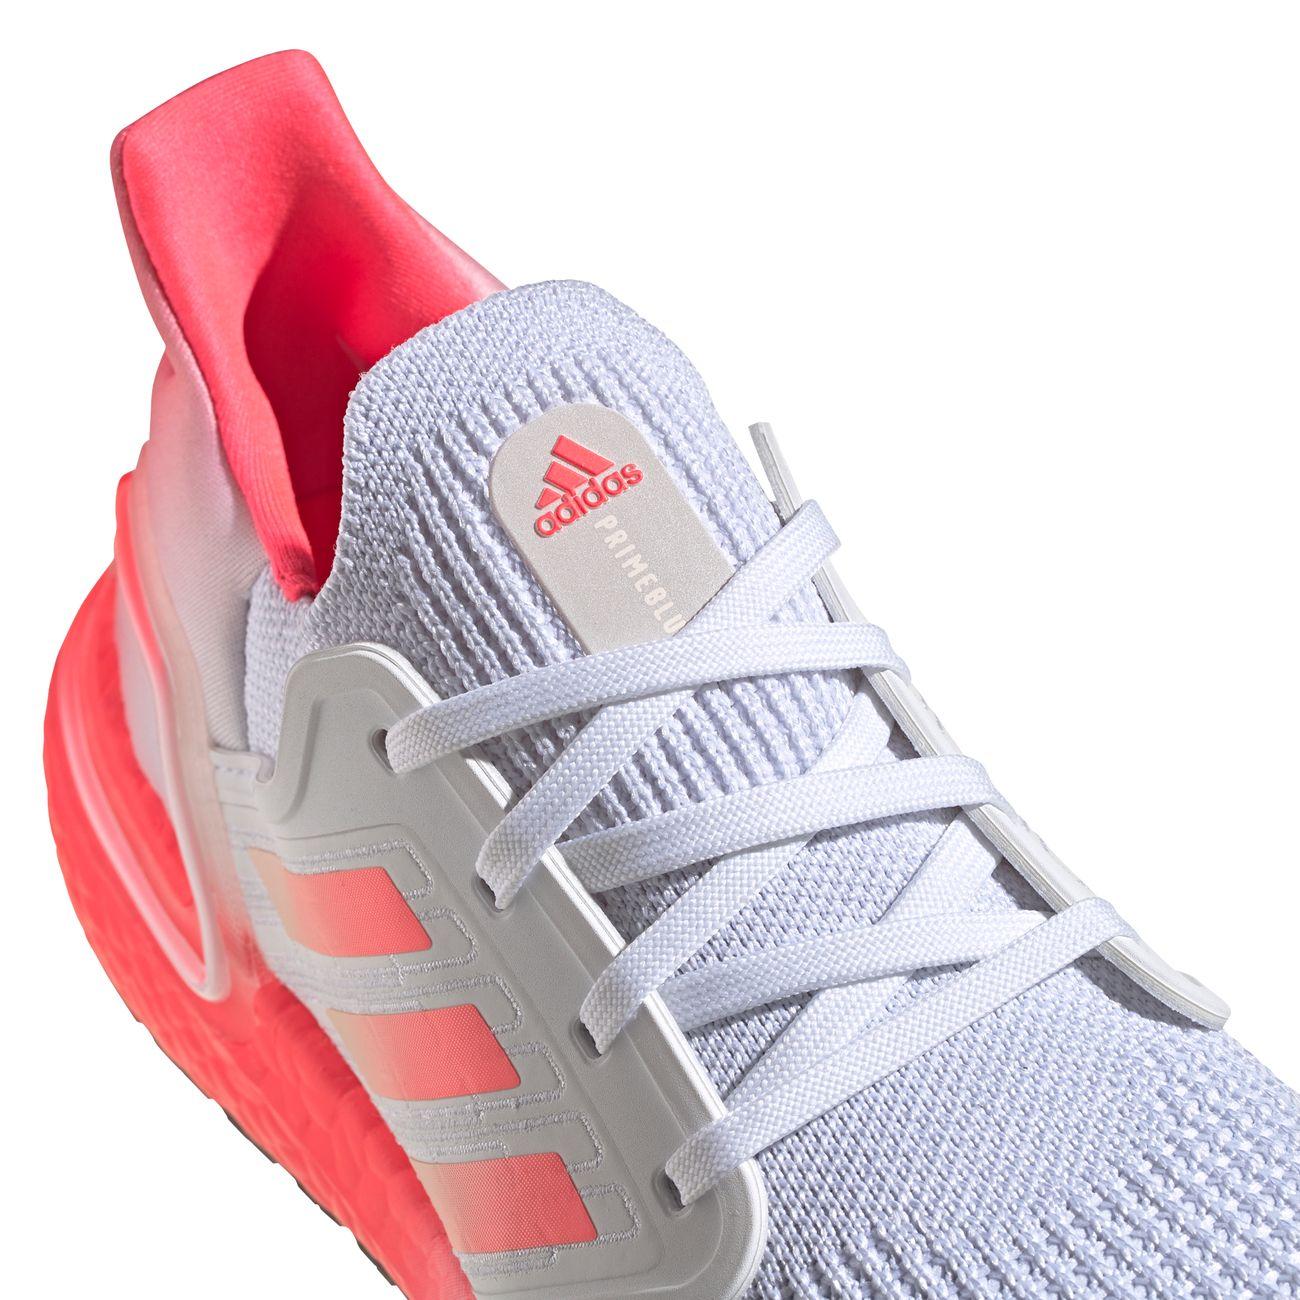 Course à pied femme ADIDAS Chaussures running femme Ultraboost 20